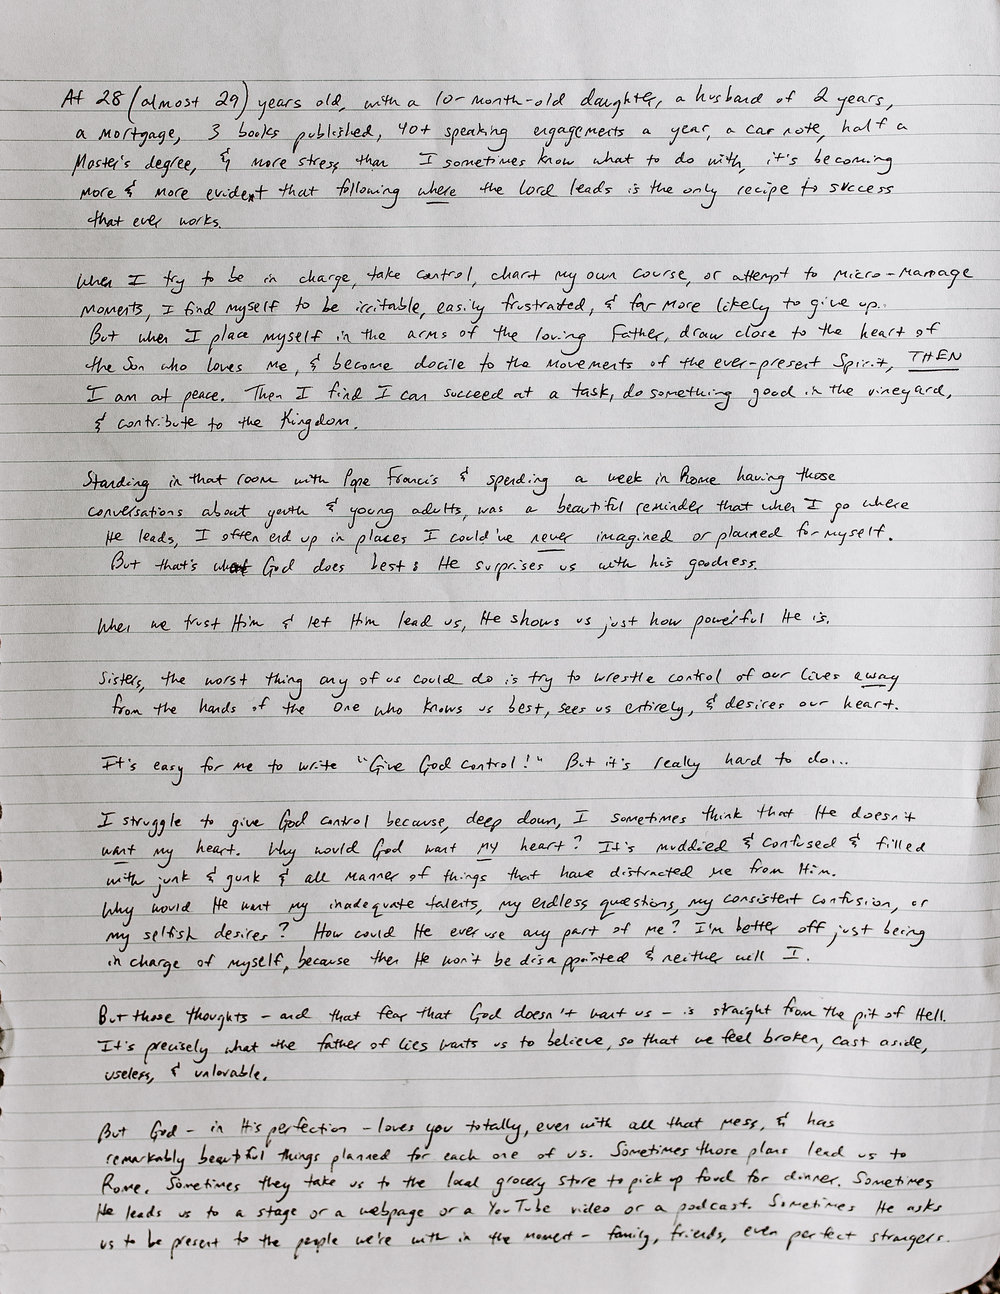 letters-to-women-2.jpg